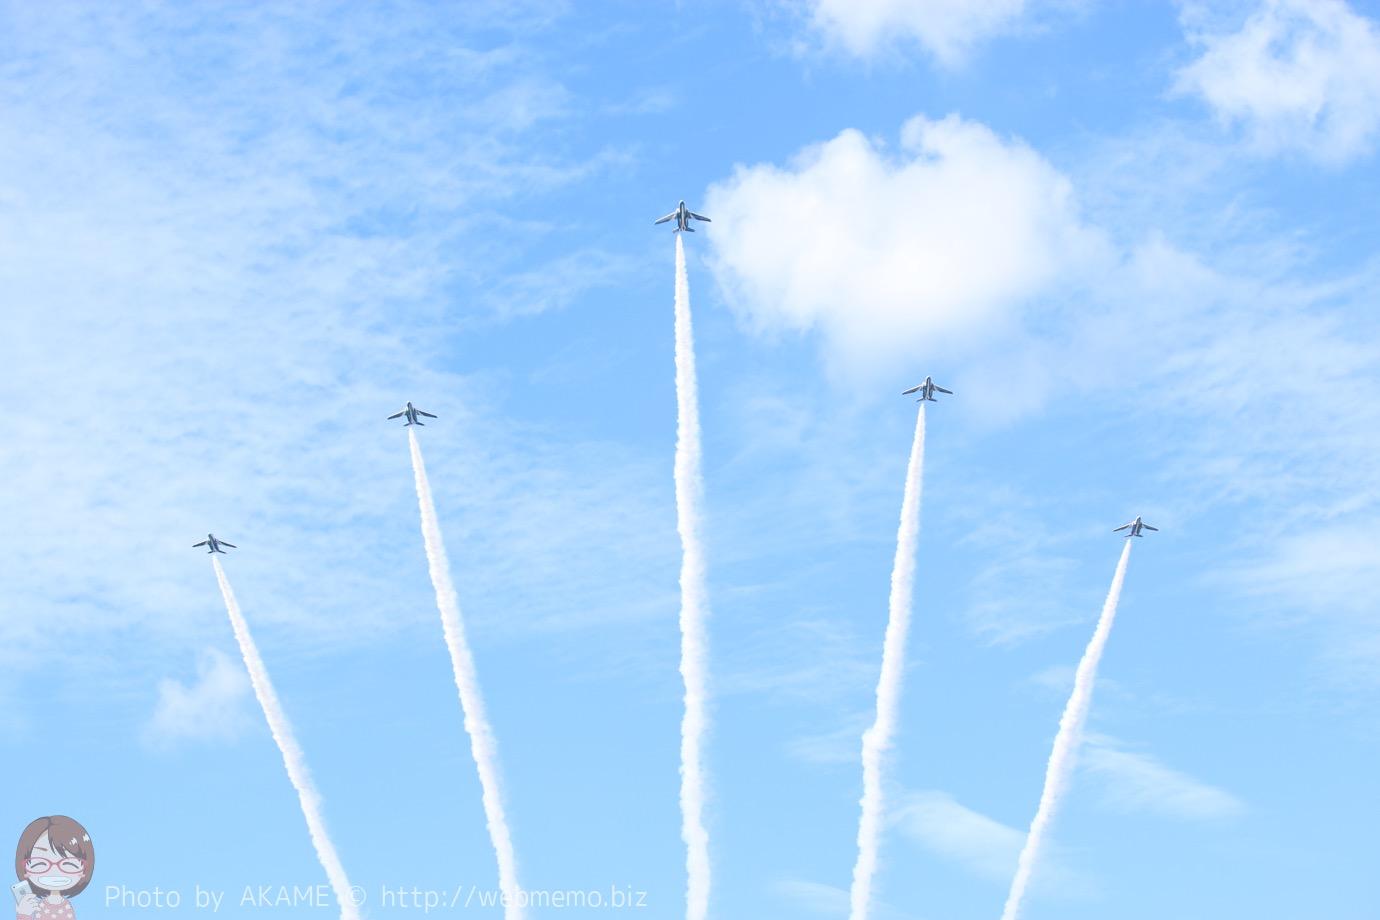 エア・フェスタ浜松でブルーインパルスの圧巻の空の舞を楽しめた!帰りは大混雑…